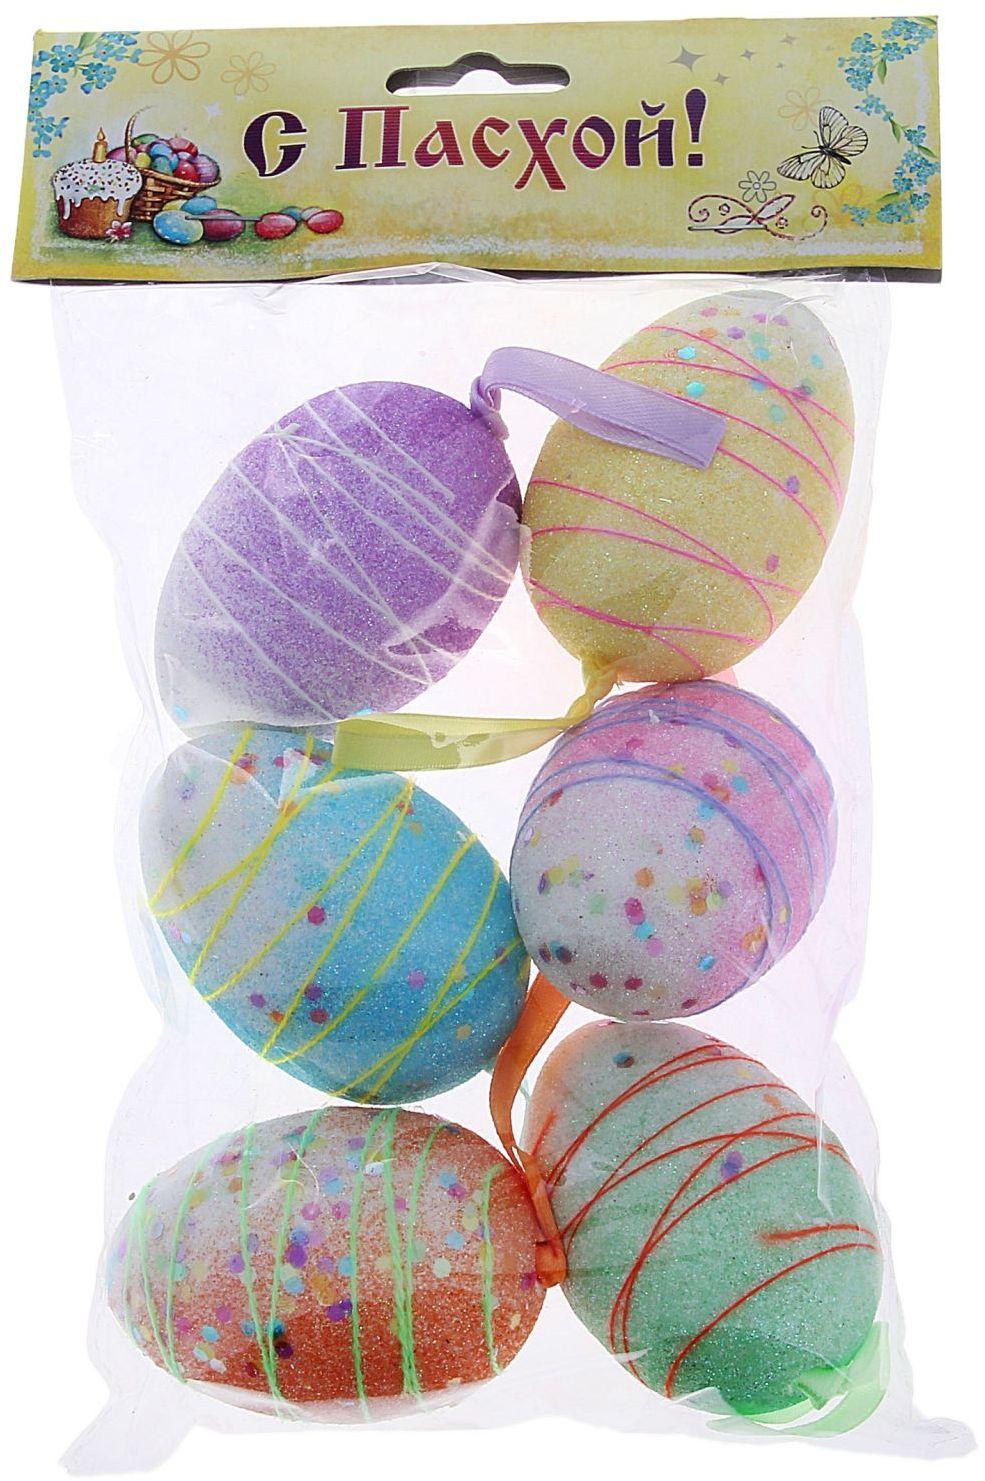 Сувенир пасхальный Sima-land Яйцо. Серпантин, 6 шт114800Яйцо - это главный пасхальный символ, который символизирует для христиан новую жизнь и возрождение, поэтому его присутствие на праздничном столе является обязательным элементом во многих странах.Сегодня крашеными яйцами принято не только украшать праздничный стол. Если вы решили серьёзно подойти к декору квартиры, и вам нужно, например, подвесить яйца, закрепить на веточках, в этом вам поможет сувенир - пасхальное яйцо (набор 6 шт) Серпантин - очаровательный символ, который покорит сердце каждого. Можете уложить эти чудесные яйца в плетёную корзинку, на красивую салфетку, и перед вами уже готовый подарок или композиция для сервировки стола. Приобретая такой сувенир, вы сэкономите кучу времени на росписи яиц, оставив его на выпечку самого вкусного кулича.